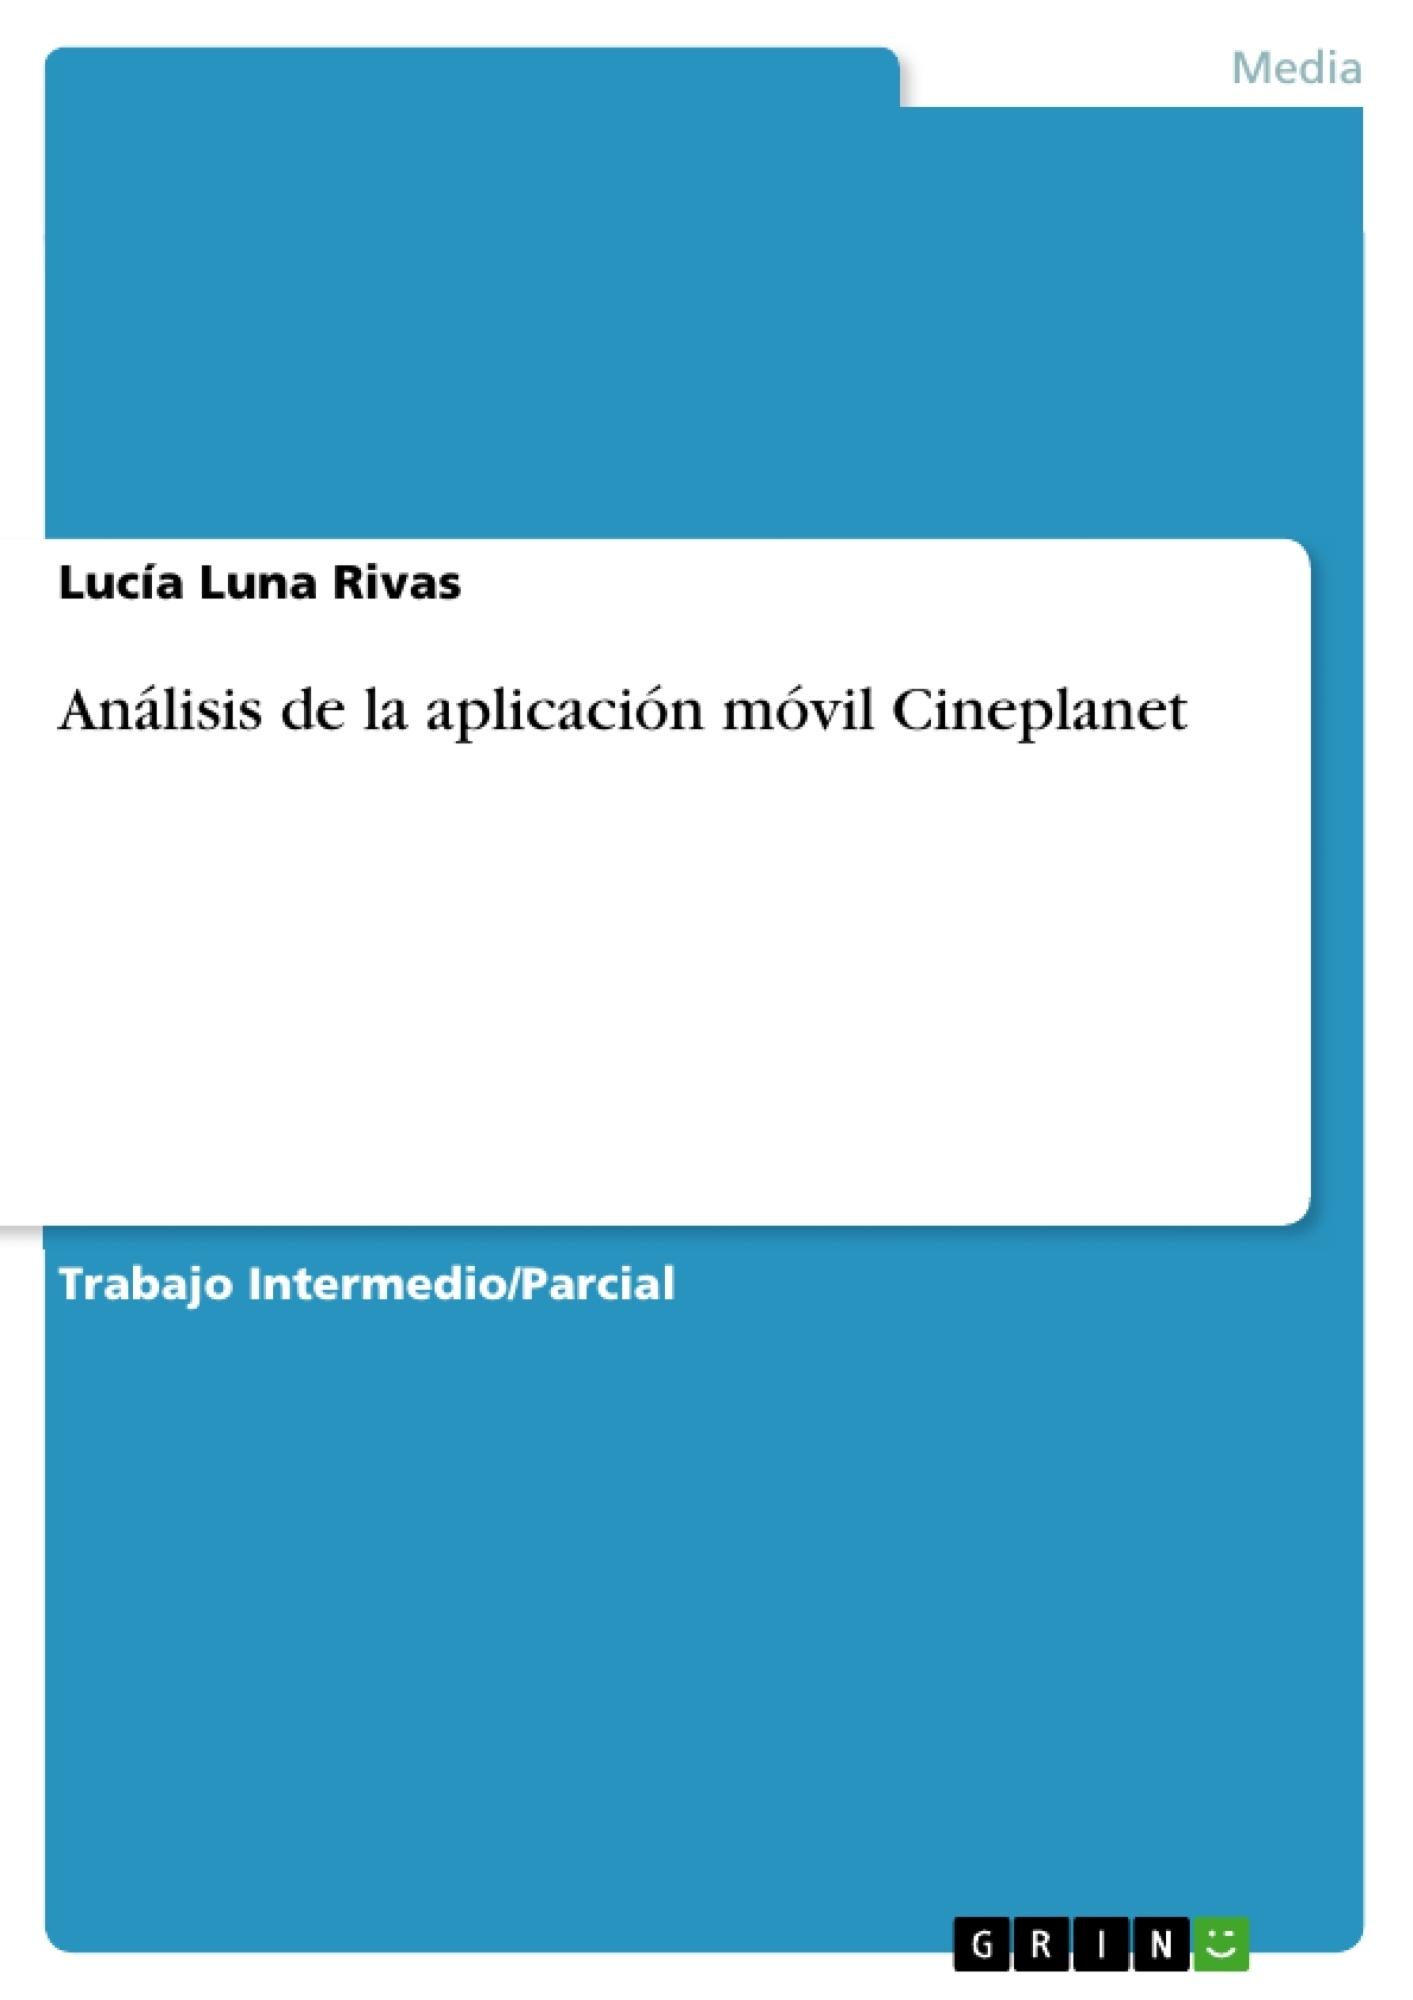 Título: Análisis de la aplicación móvil Cineplanet